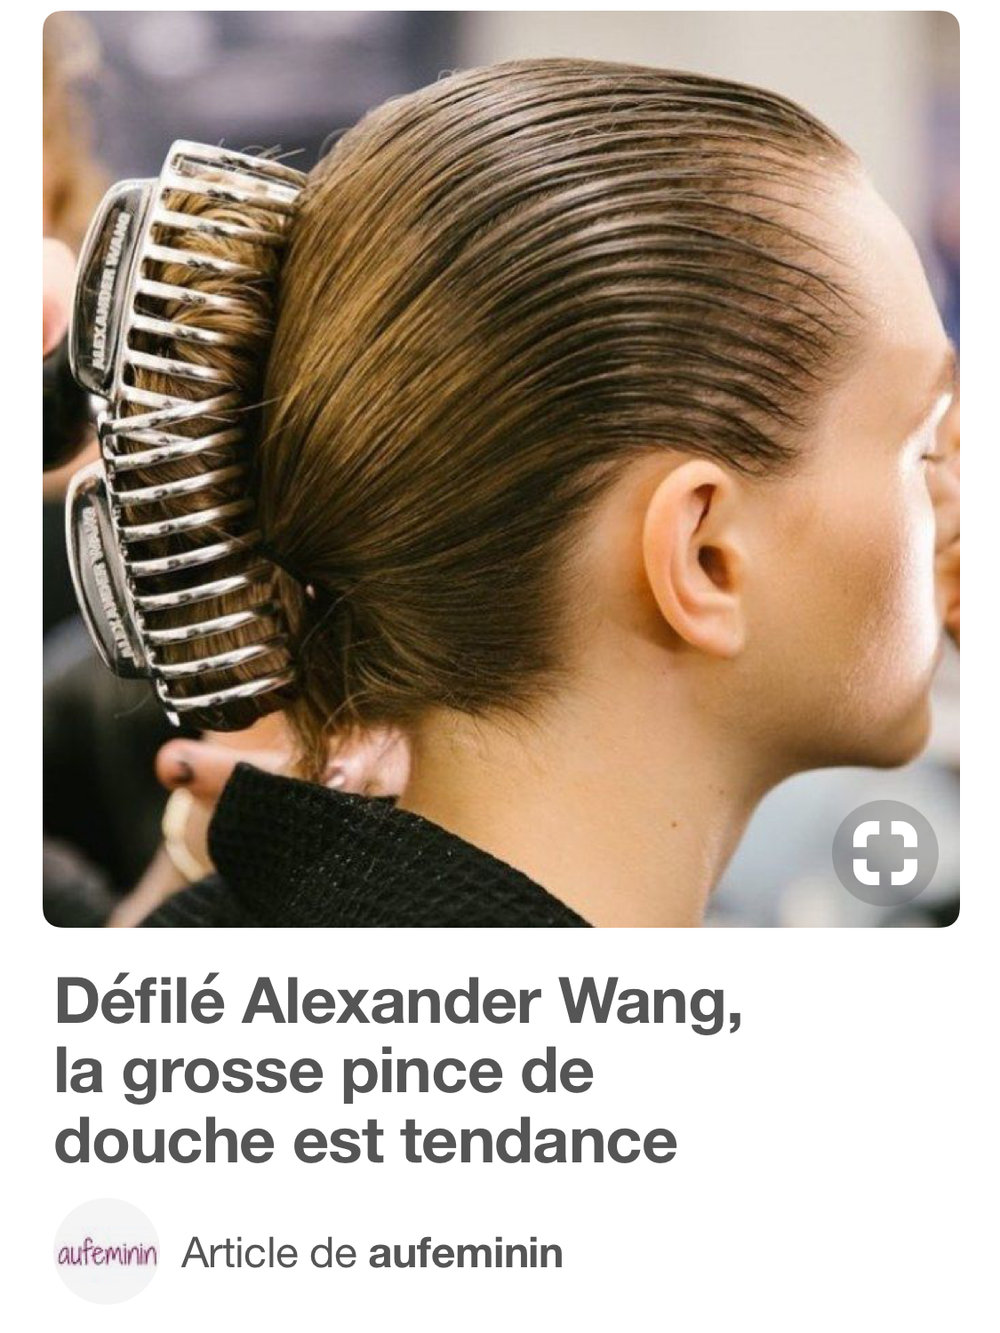 Photo Pinterest - Article de au féminin